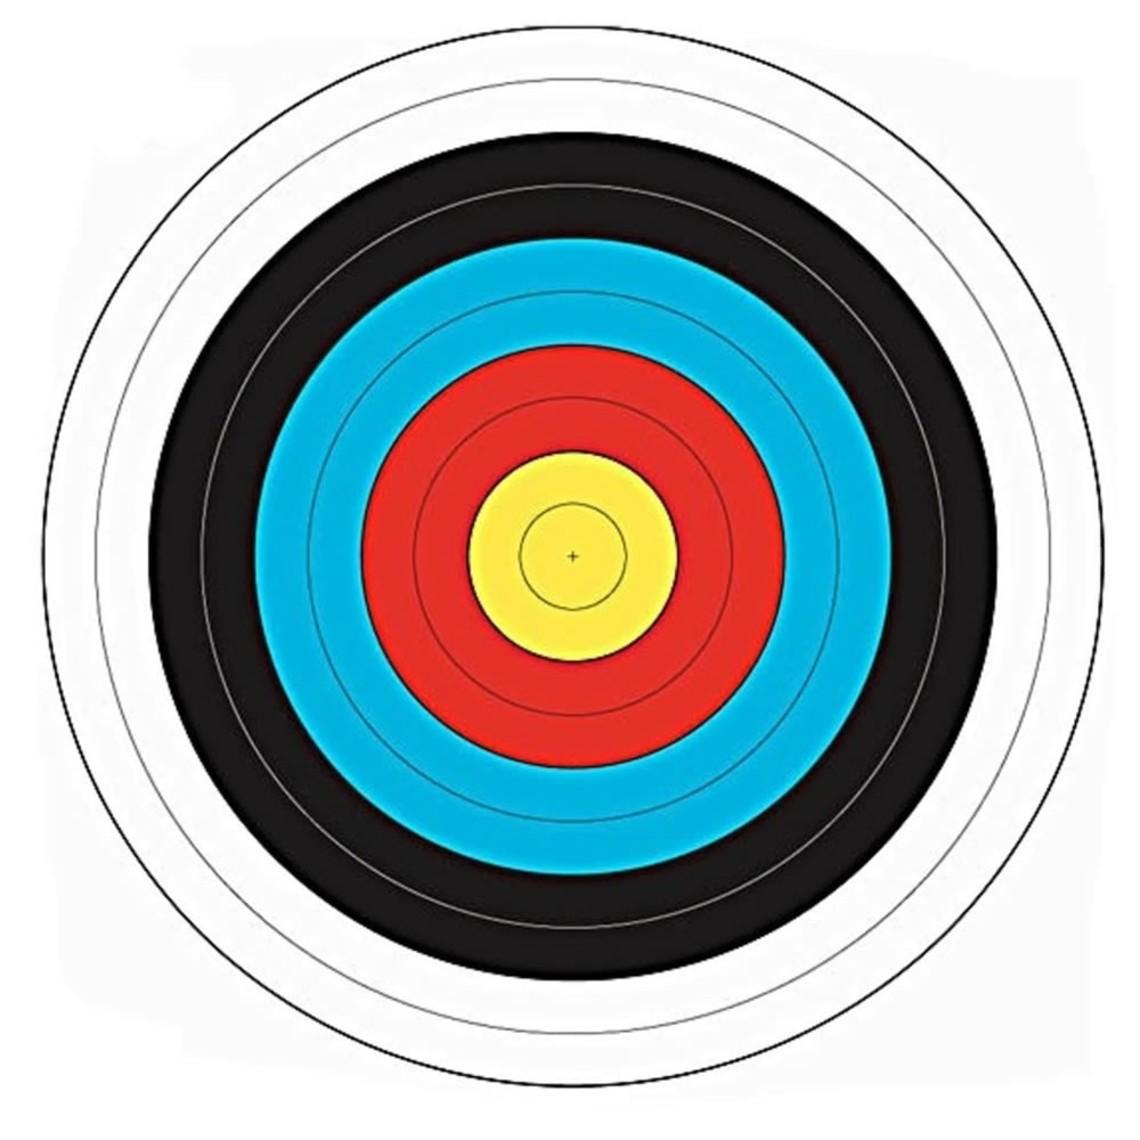 tarcz, 40 x 40 cm